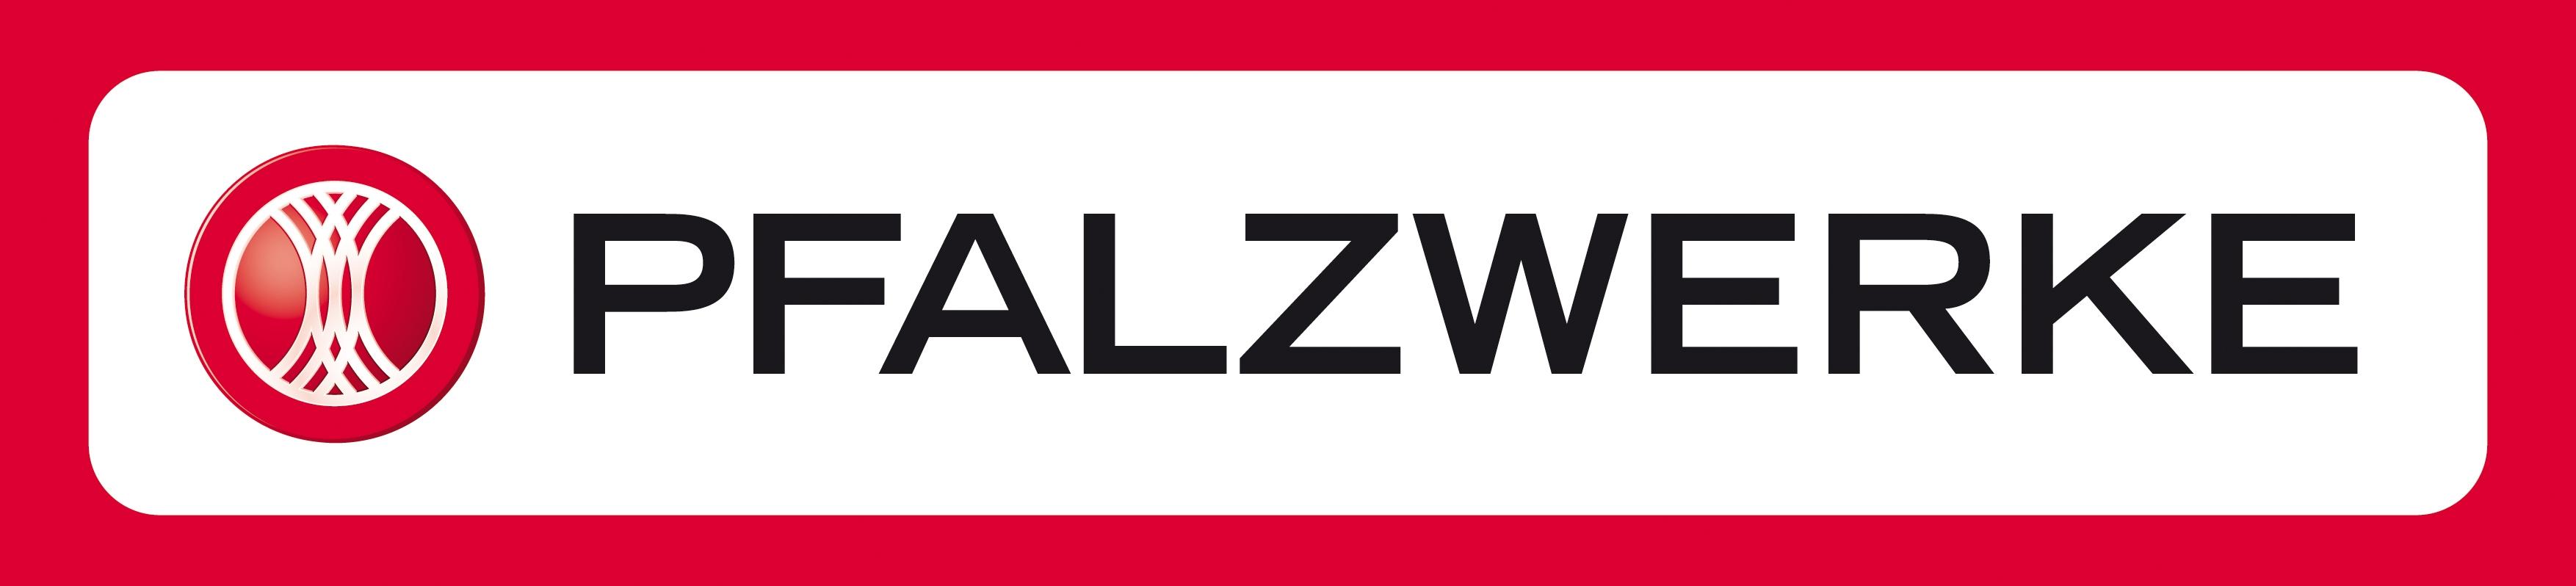 Logo Pfalzwerke.jpg